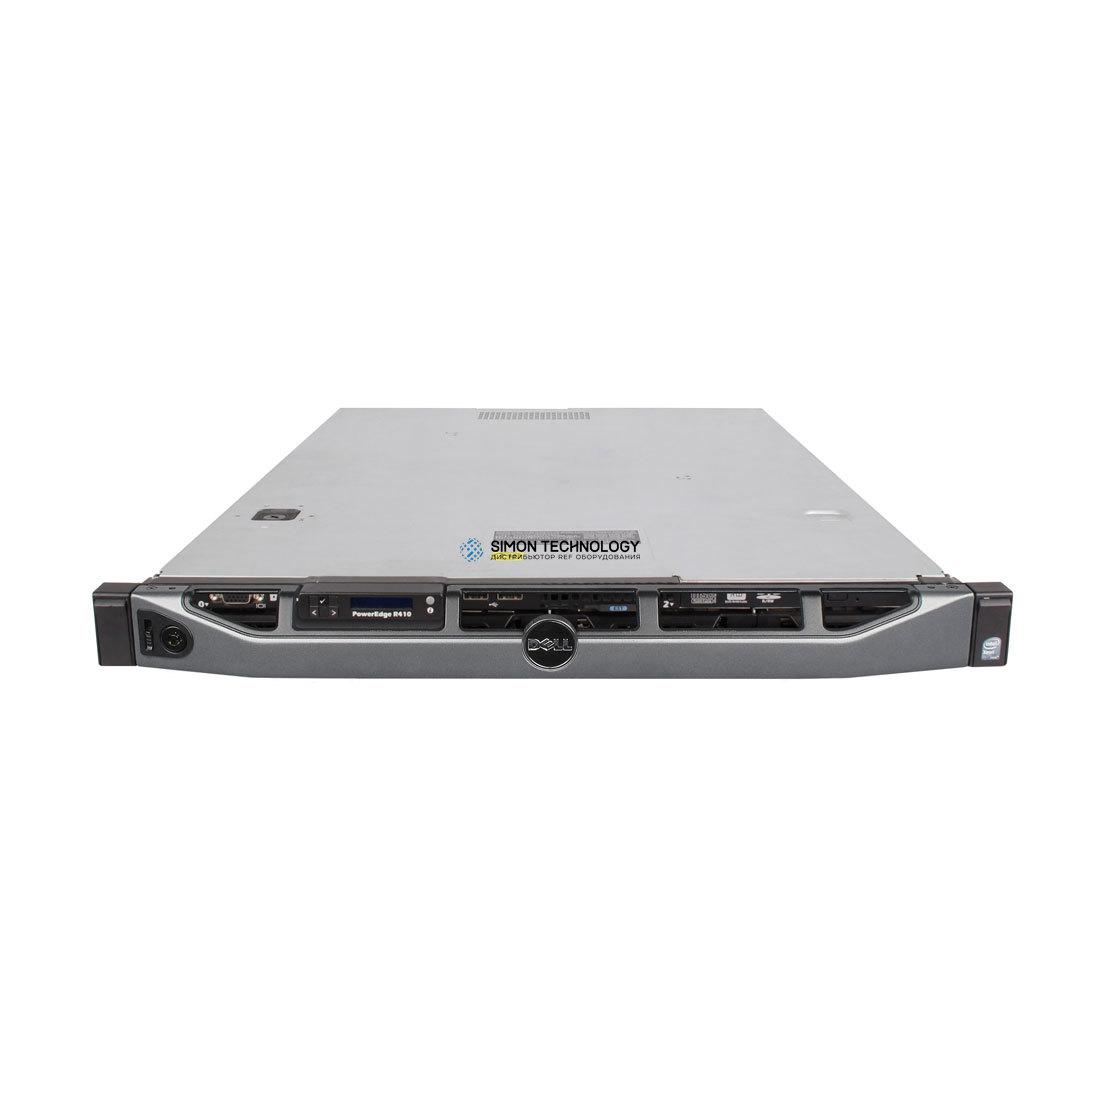 Сервер Dell PER410 X5650 2P 16GB PERC6I 1*PSU 4*LFF DVD-RW (R410-X5650)